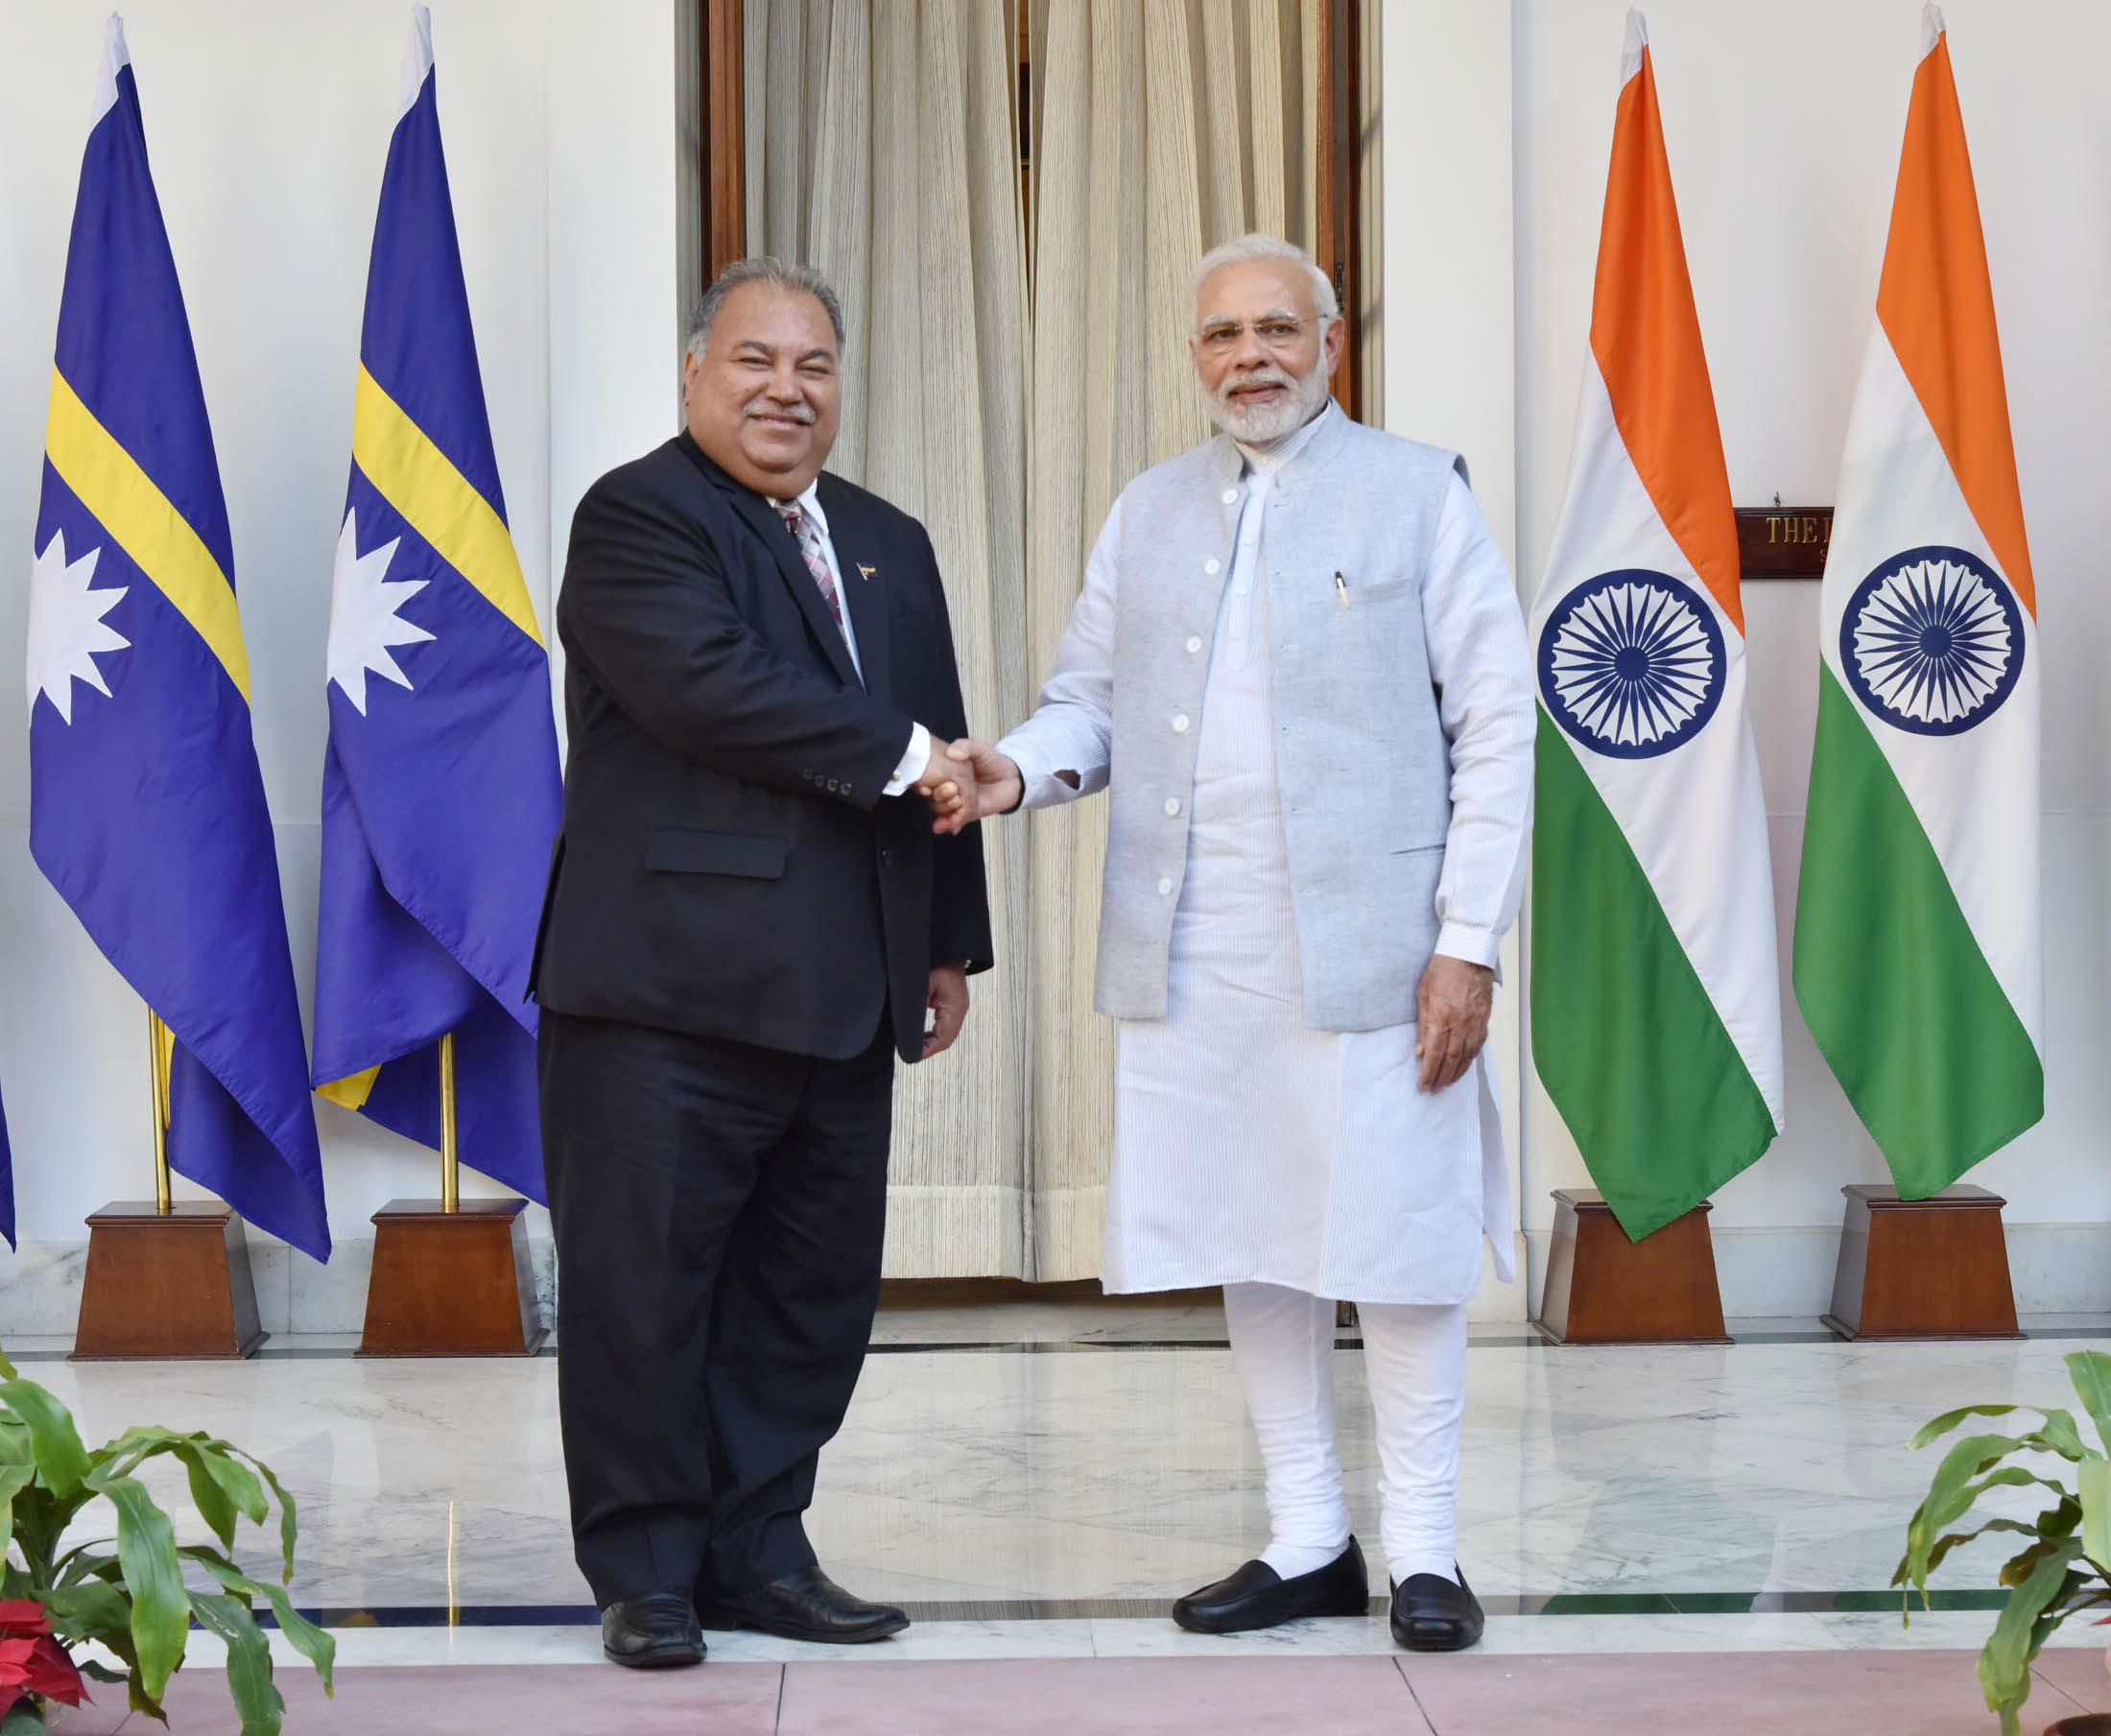 File:The Prime Minister, Shri Narendra Modi meeting the President of